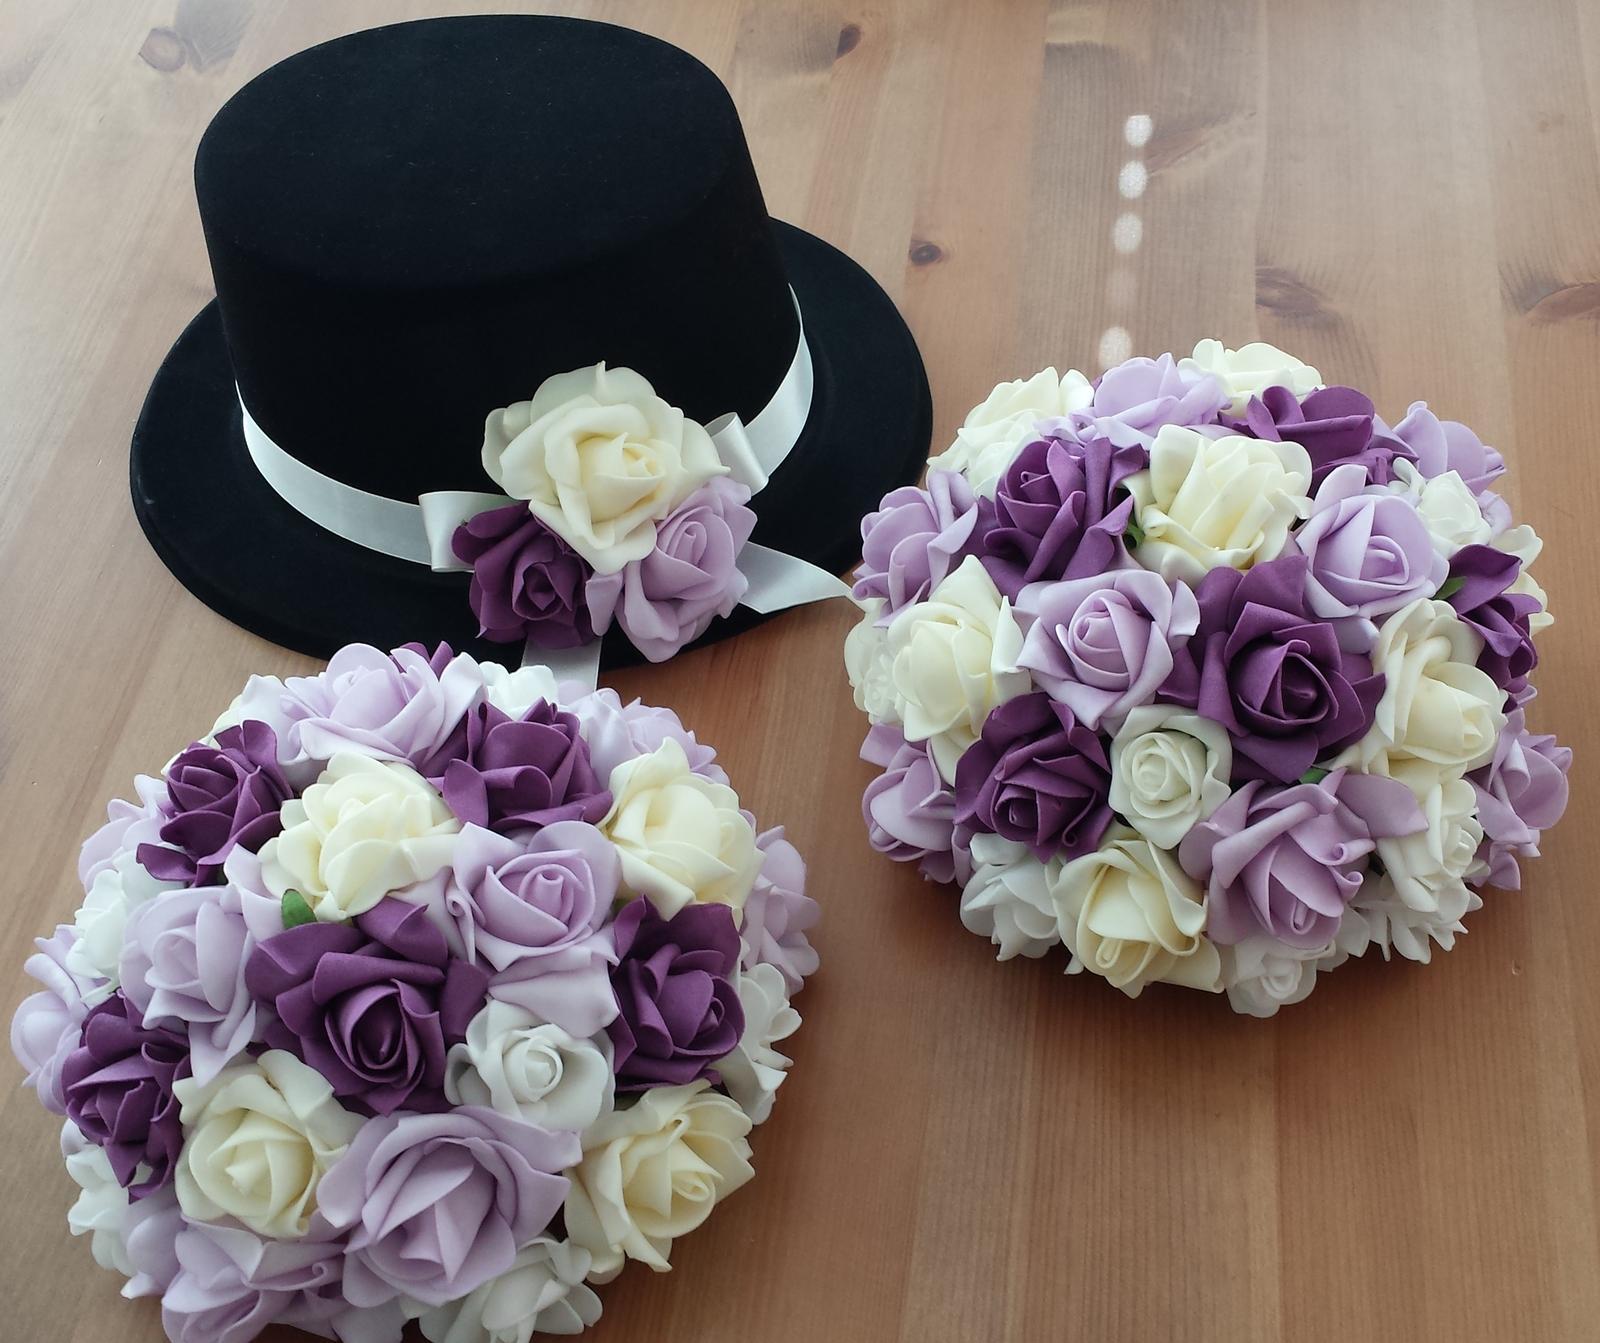 Klipy na boty pro nevěstu-bílá šifonová aplikace - Obrázek č. 4